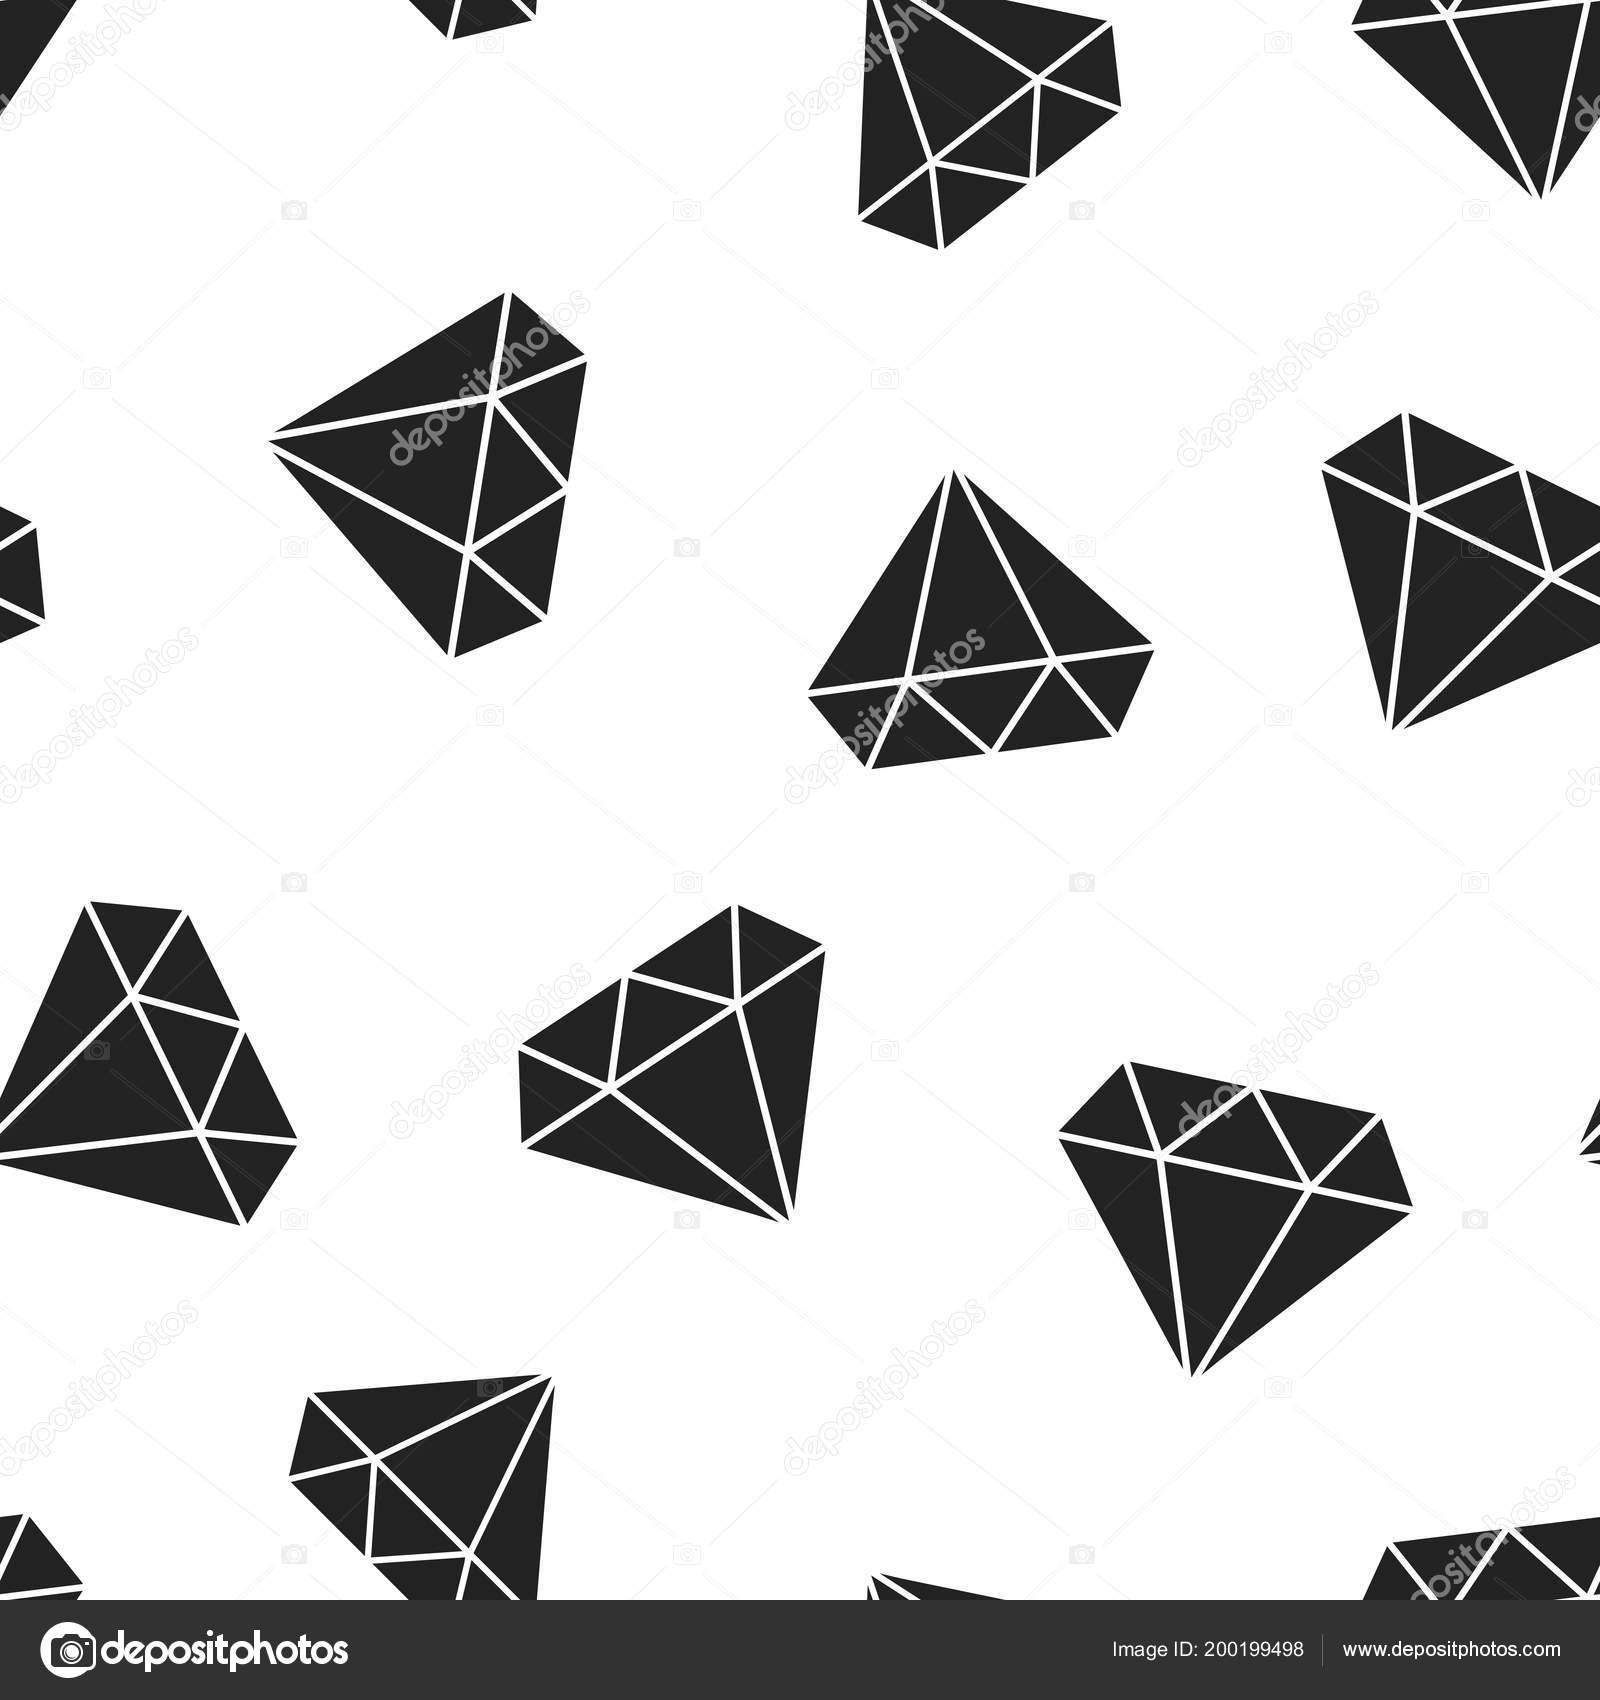 8cc5375177c6 Diamond joya joya icono transparente de fondo. Ilustración de vector de  concepto de negocio. Patrón de símbolo de brillantes piedras preciosas joyas  ...